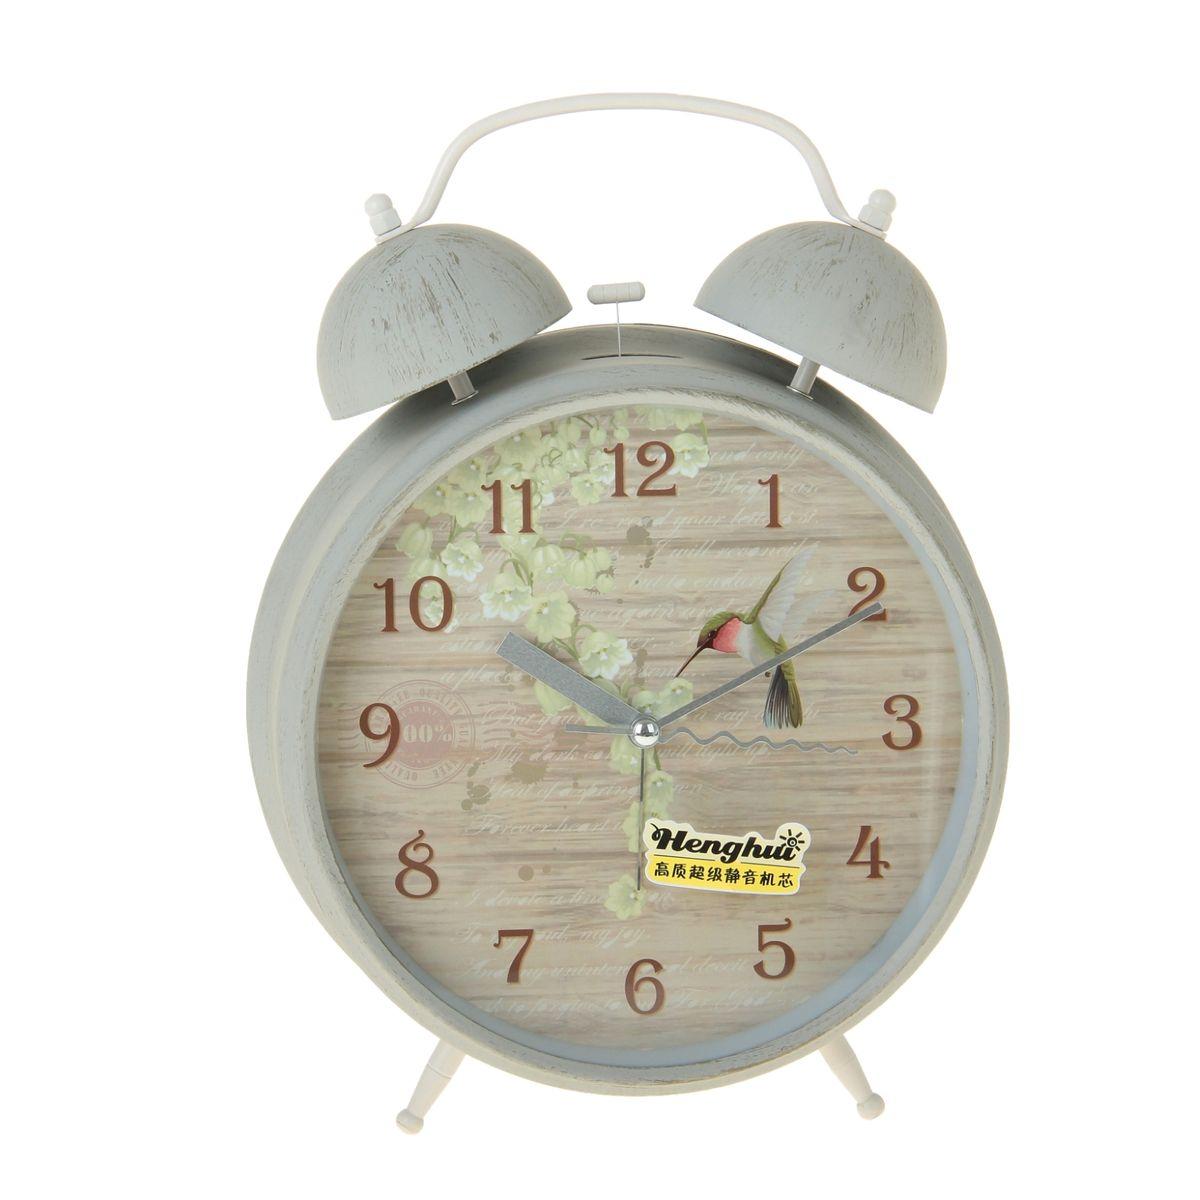 Часы-будильник Sima-land Птичка с цветами, диаметр 20 см906626Часы-будильник Sima-land Птичка с цветами - это невероятных размеров устройство, созданное специально для тех, кто с трудом просыпается по утрам! Изделие обладает ярким интересным дизайном восточного стиля. Такой будильник станет изюминкой вашего интерьера. Будильник работает от 1 батарейки типа С 1,5 В (в комплект не входит). На задней панели будильника расположены переключатель включения/выключения механизма, два поворотных рычага для настройки текущего времени и установки будильника, а также кнопка для включения подсветки циферблата. Диаметр циферблата: 20 см.